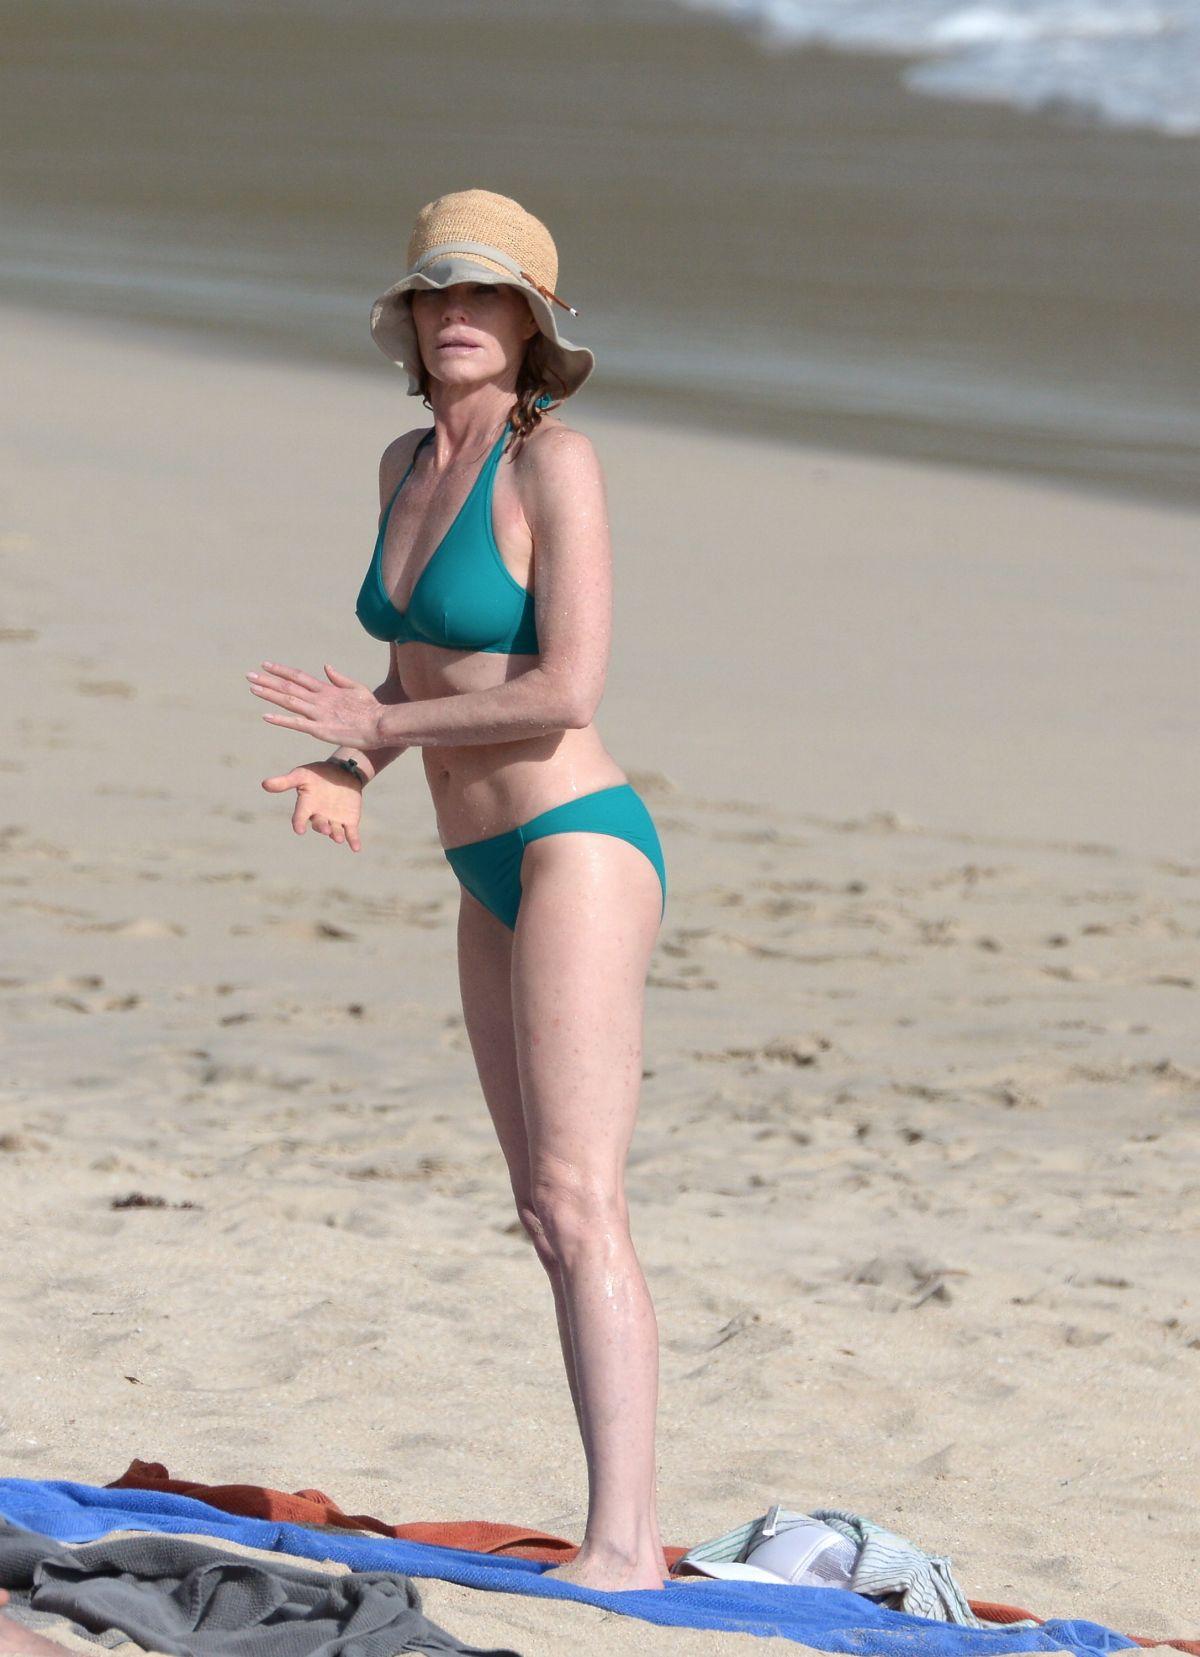 Marg Helgenbergr In Bikini At A Beach In St Barts